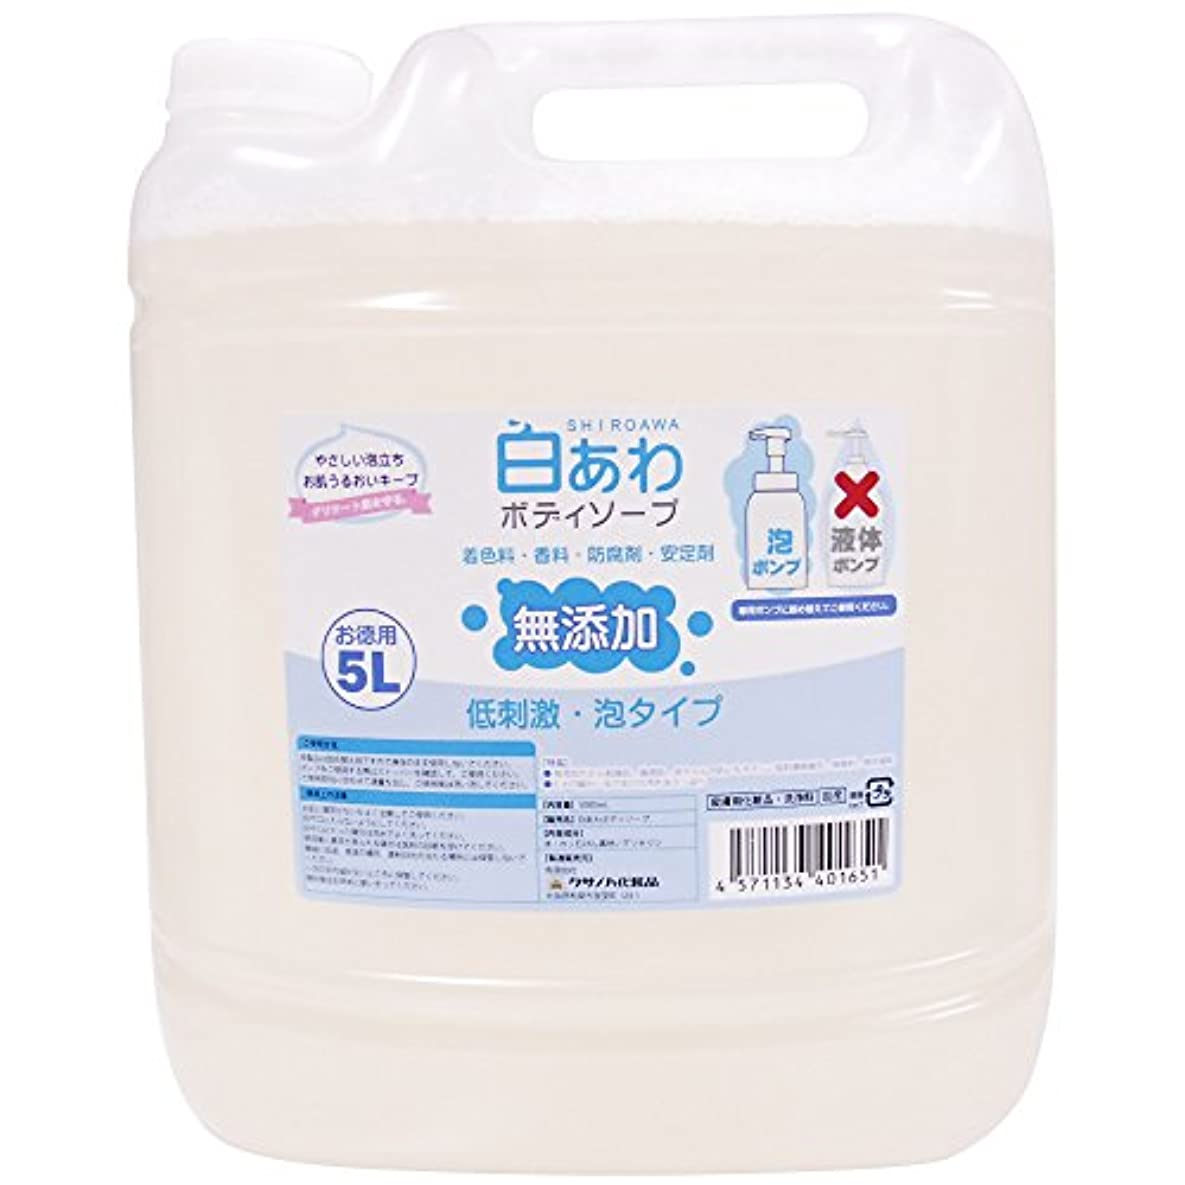 ひどい雇用小包【無添加】白あわボディソープ 詰替用 5L